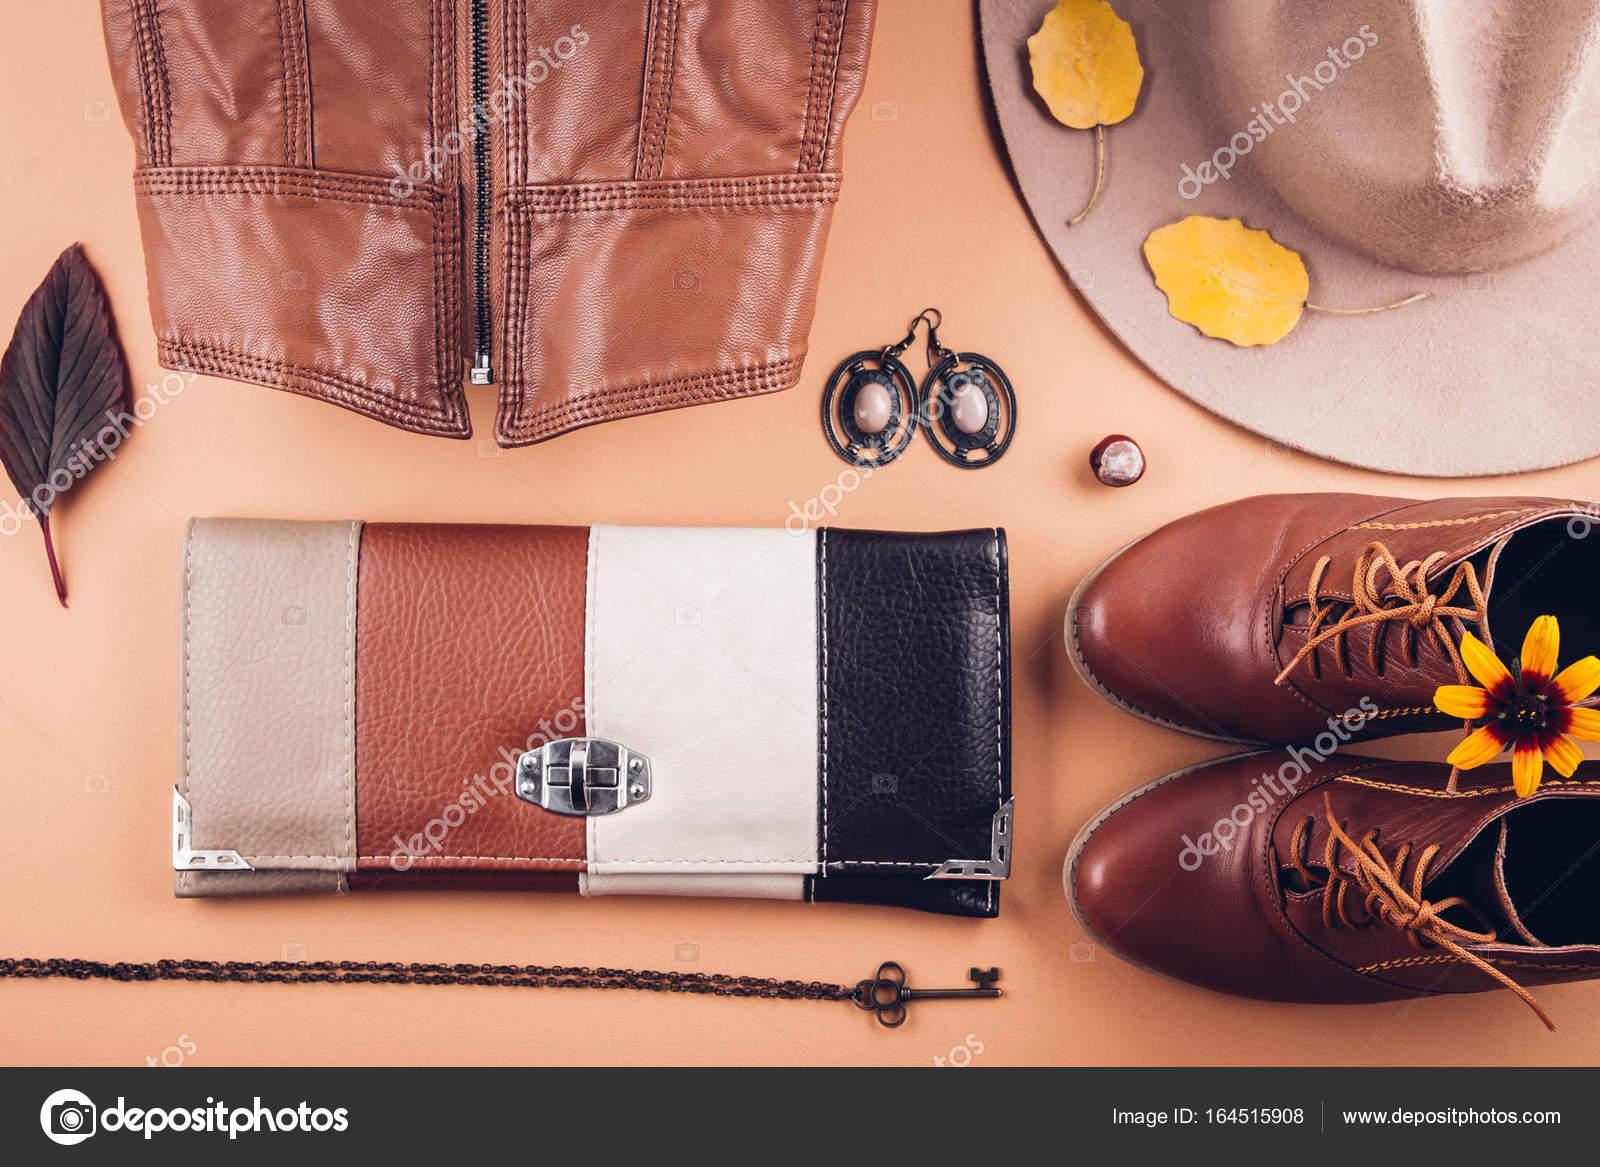 2a5b8bab4e7 Φθινοπωρινά γυναικεία στολή. Σετ Ρούχα, παπούτσια και αξεσουάρ — Φωτογραφία  Αρχείου